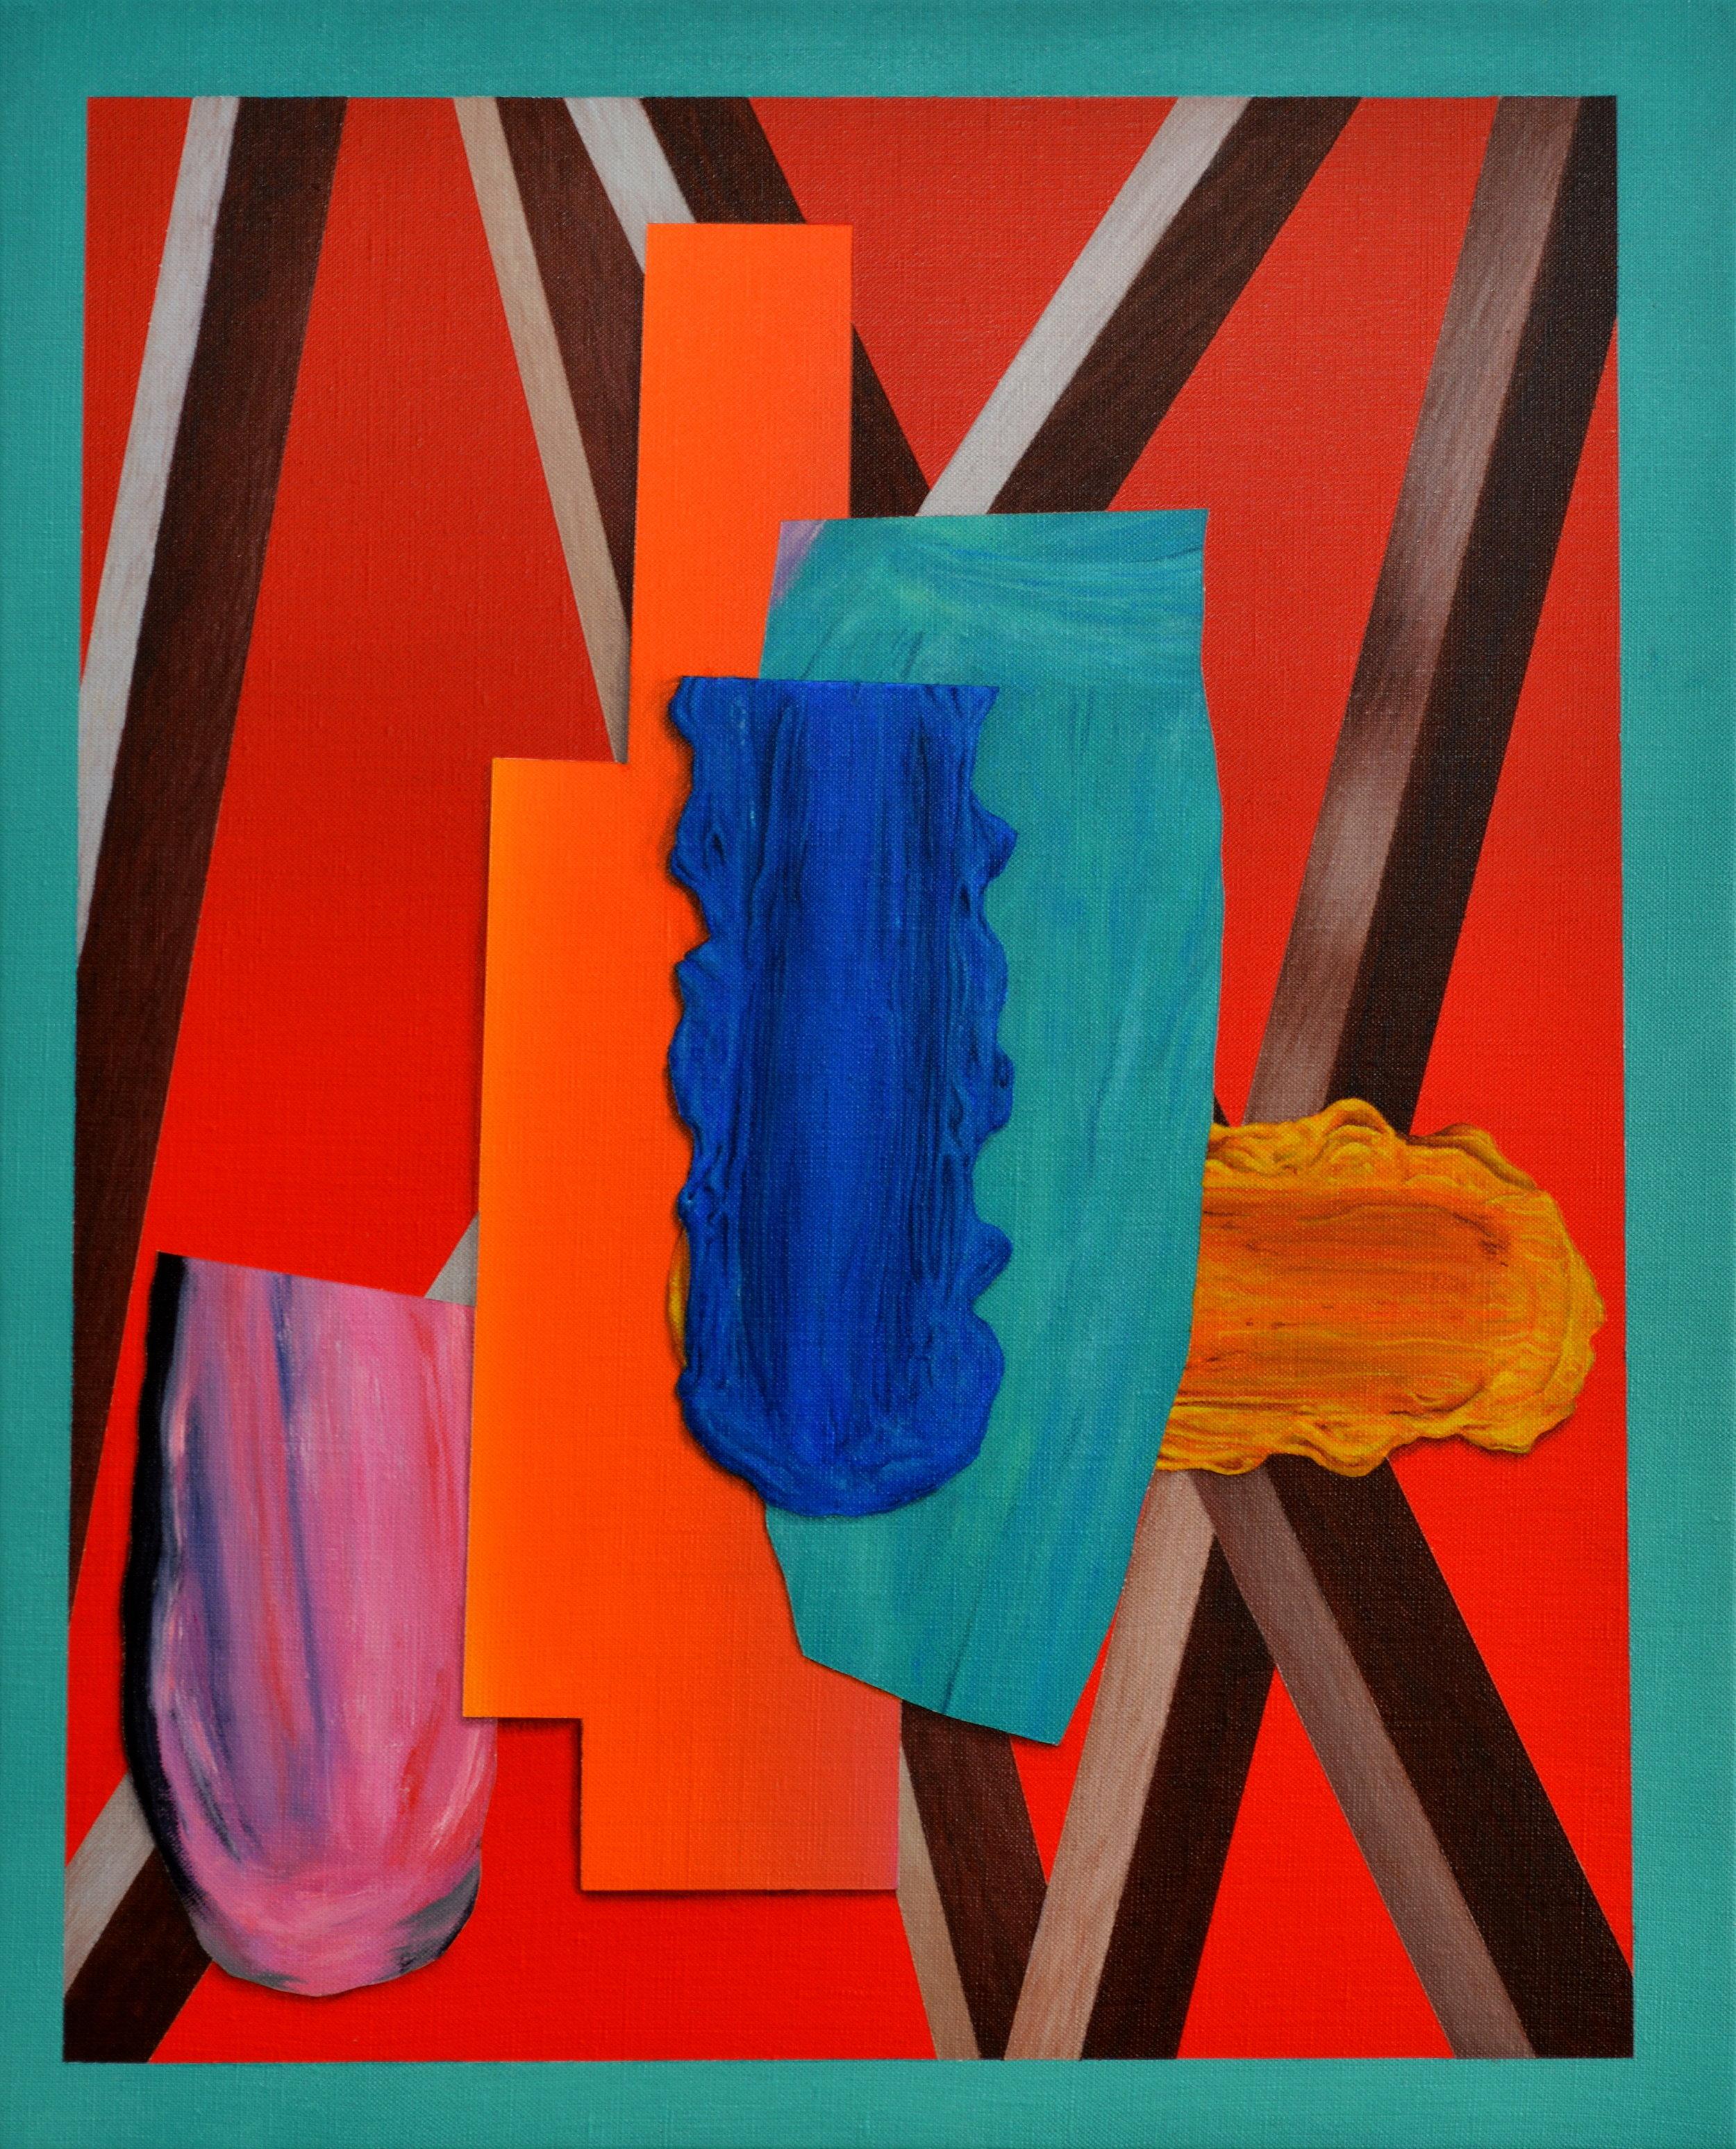 Lee Marshall   Curio , 2014  Acrylic on linen  42cm x 52cm